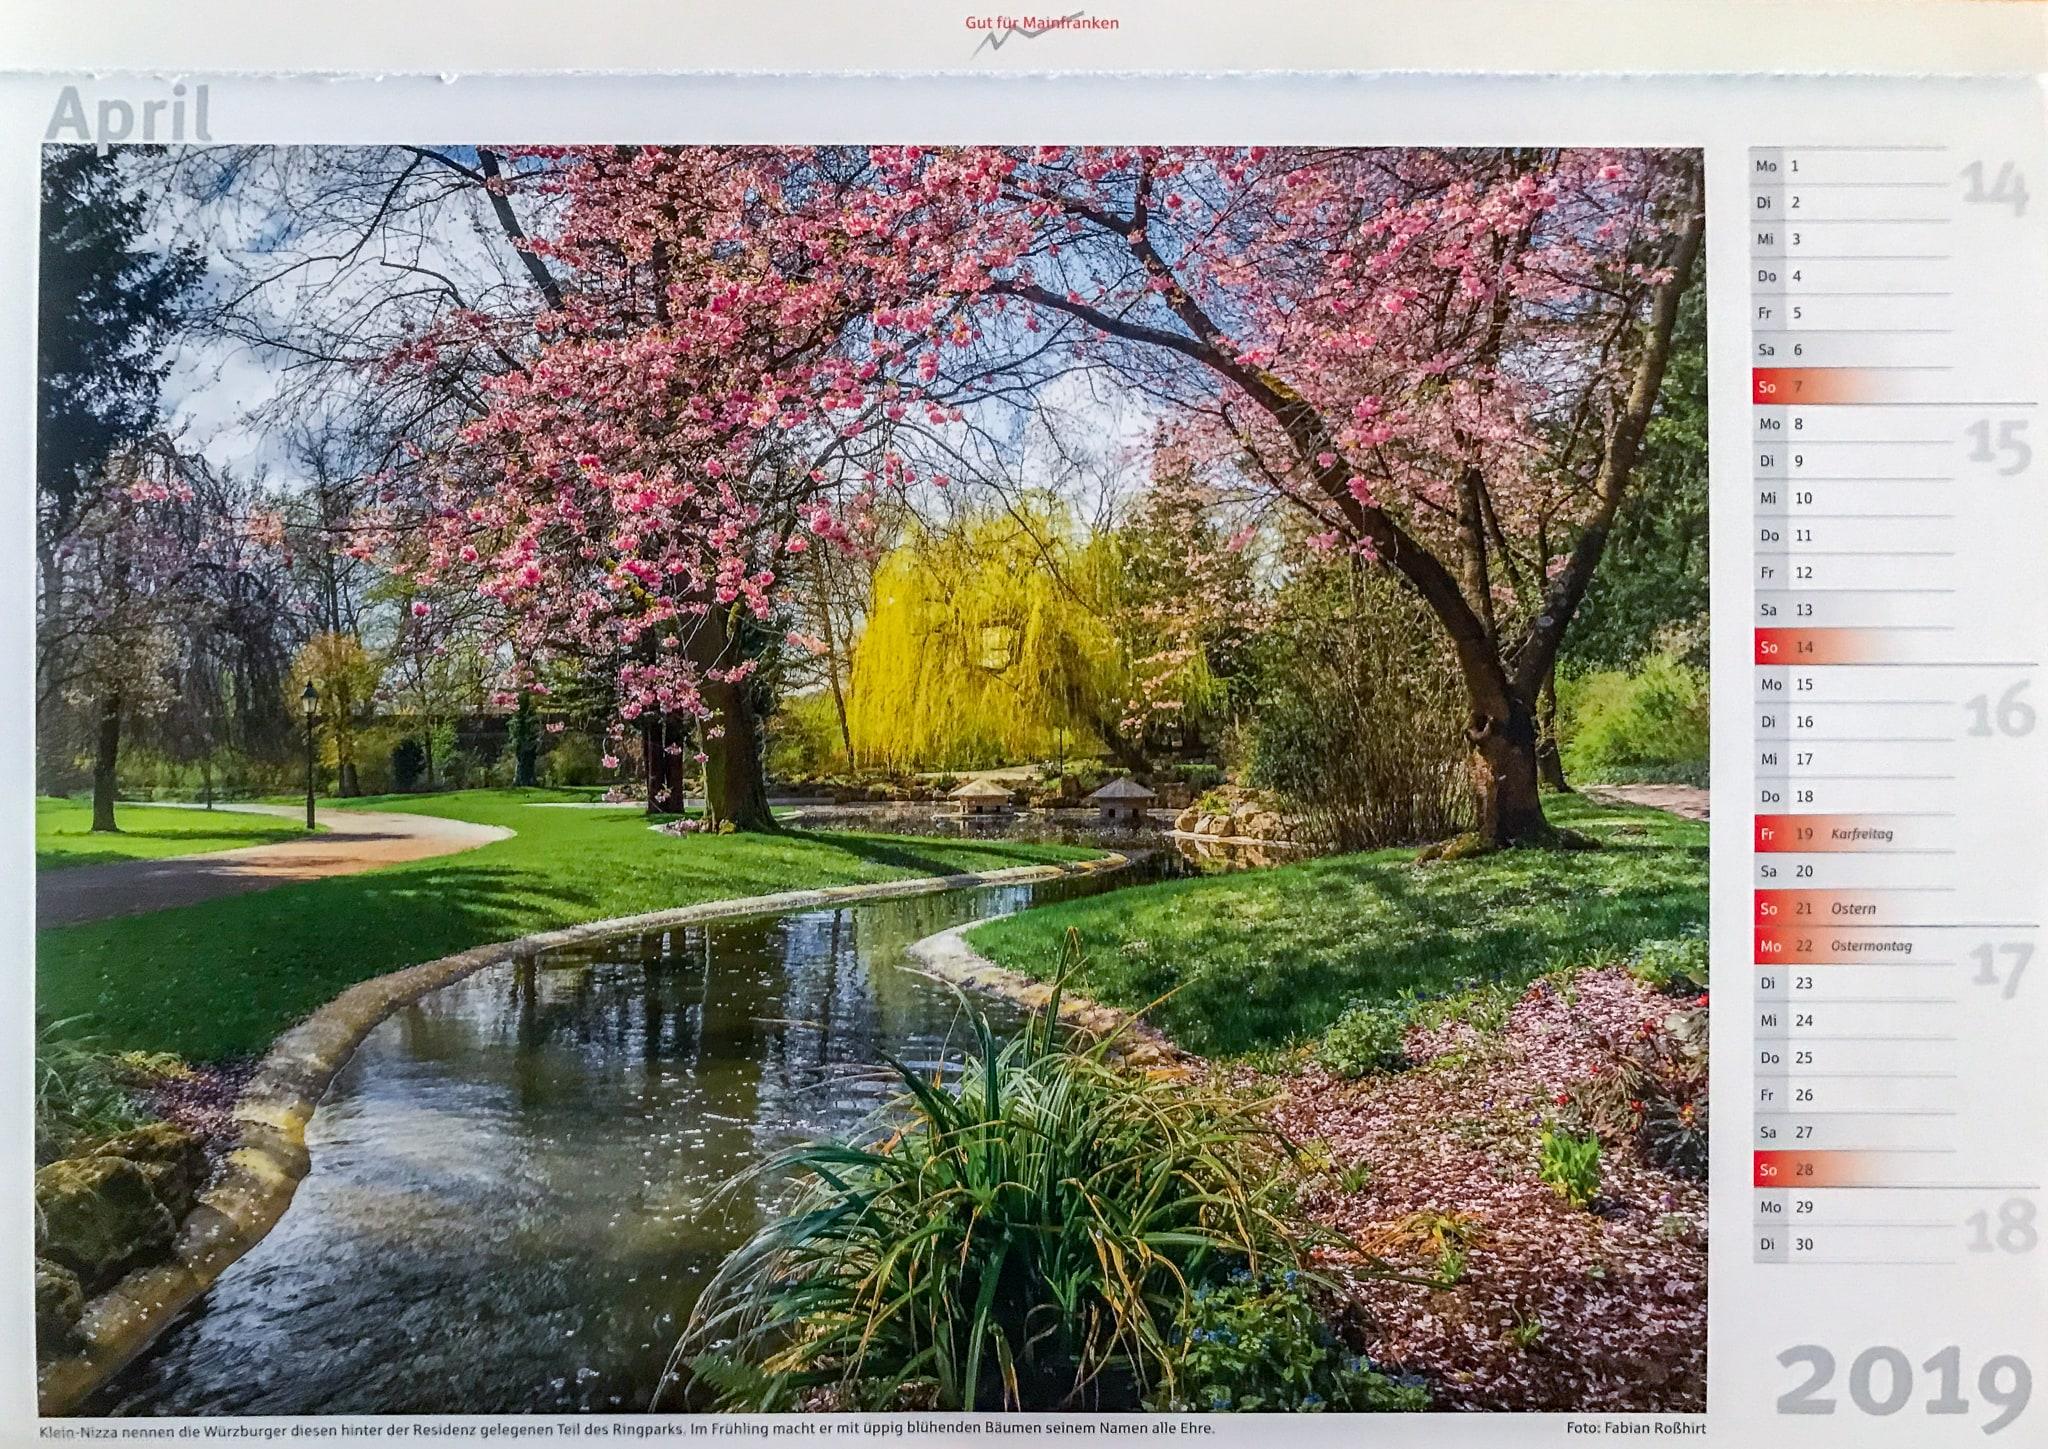 april-sparkasse-mainfranken-wuerzburg-kalender-2019